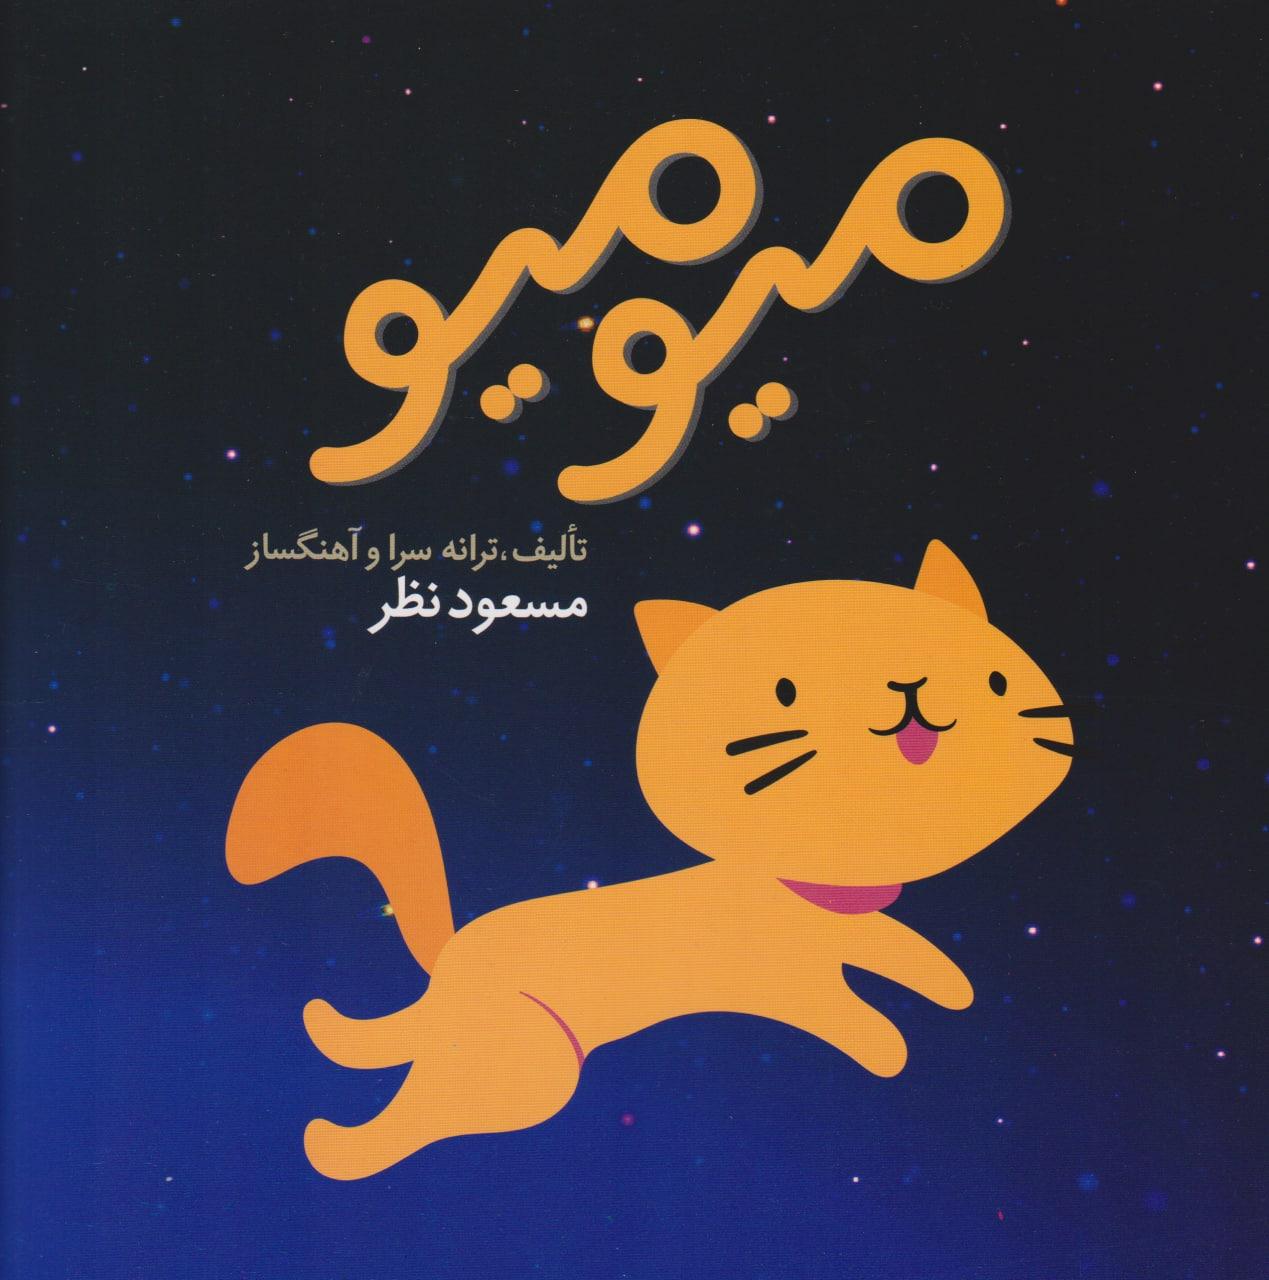 کتاب میو میو مسعود نظر